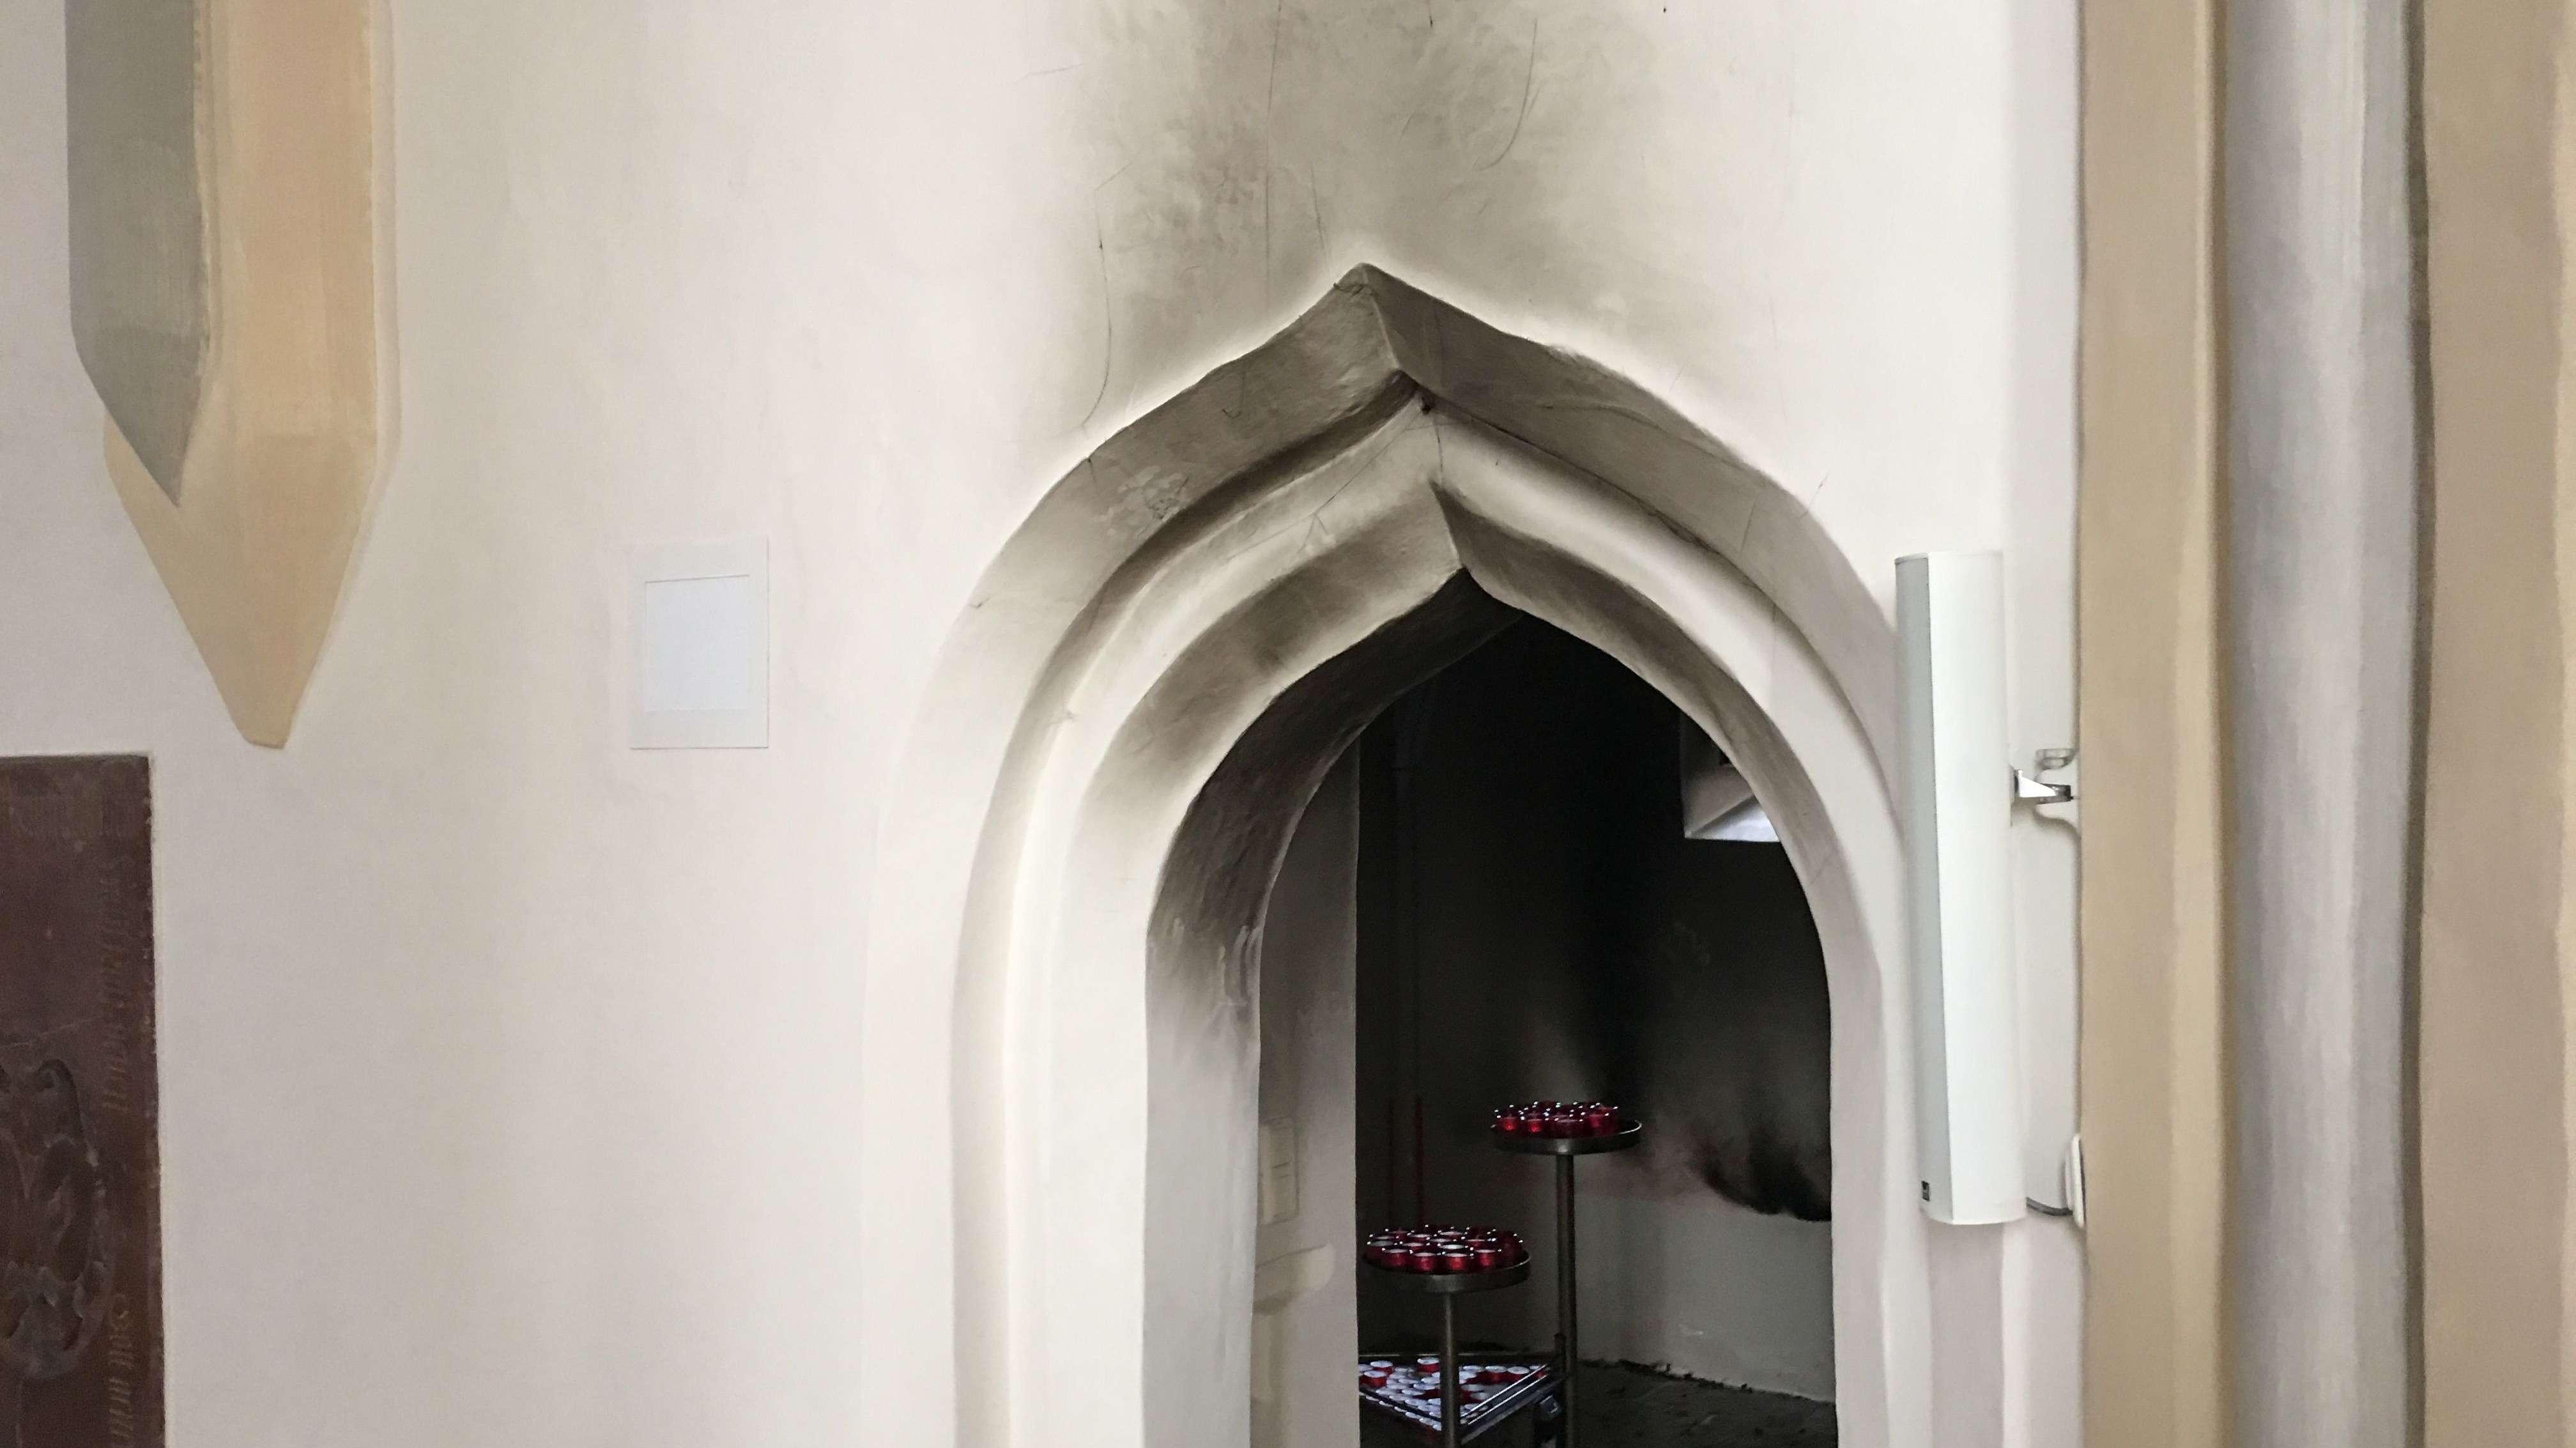 In diesem Nebenraum der Kirche hat es gebrannt